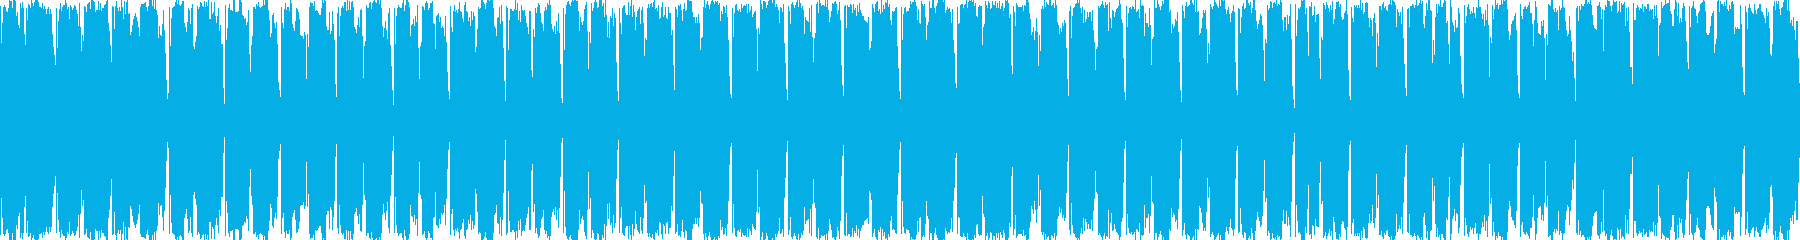 エレクトロニック サスペンス 技術...の再生済みの波形